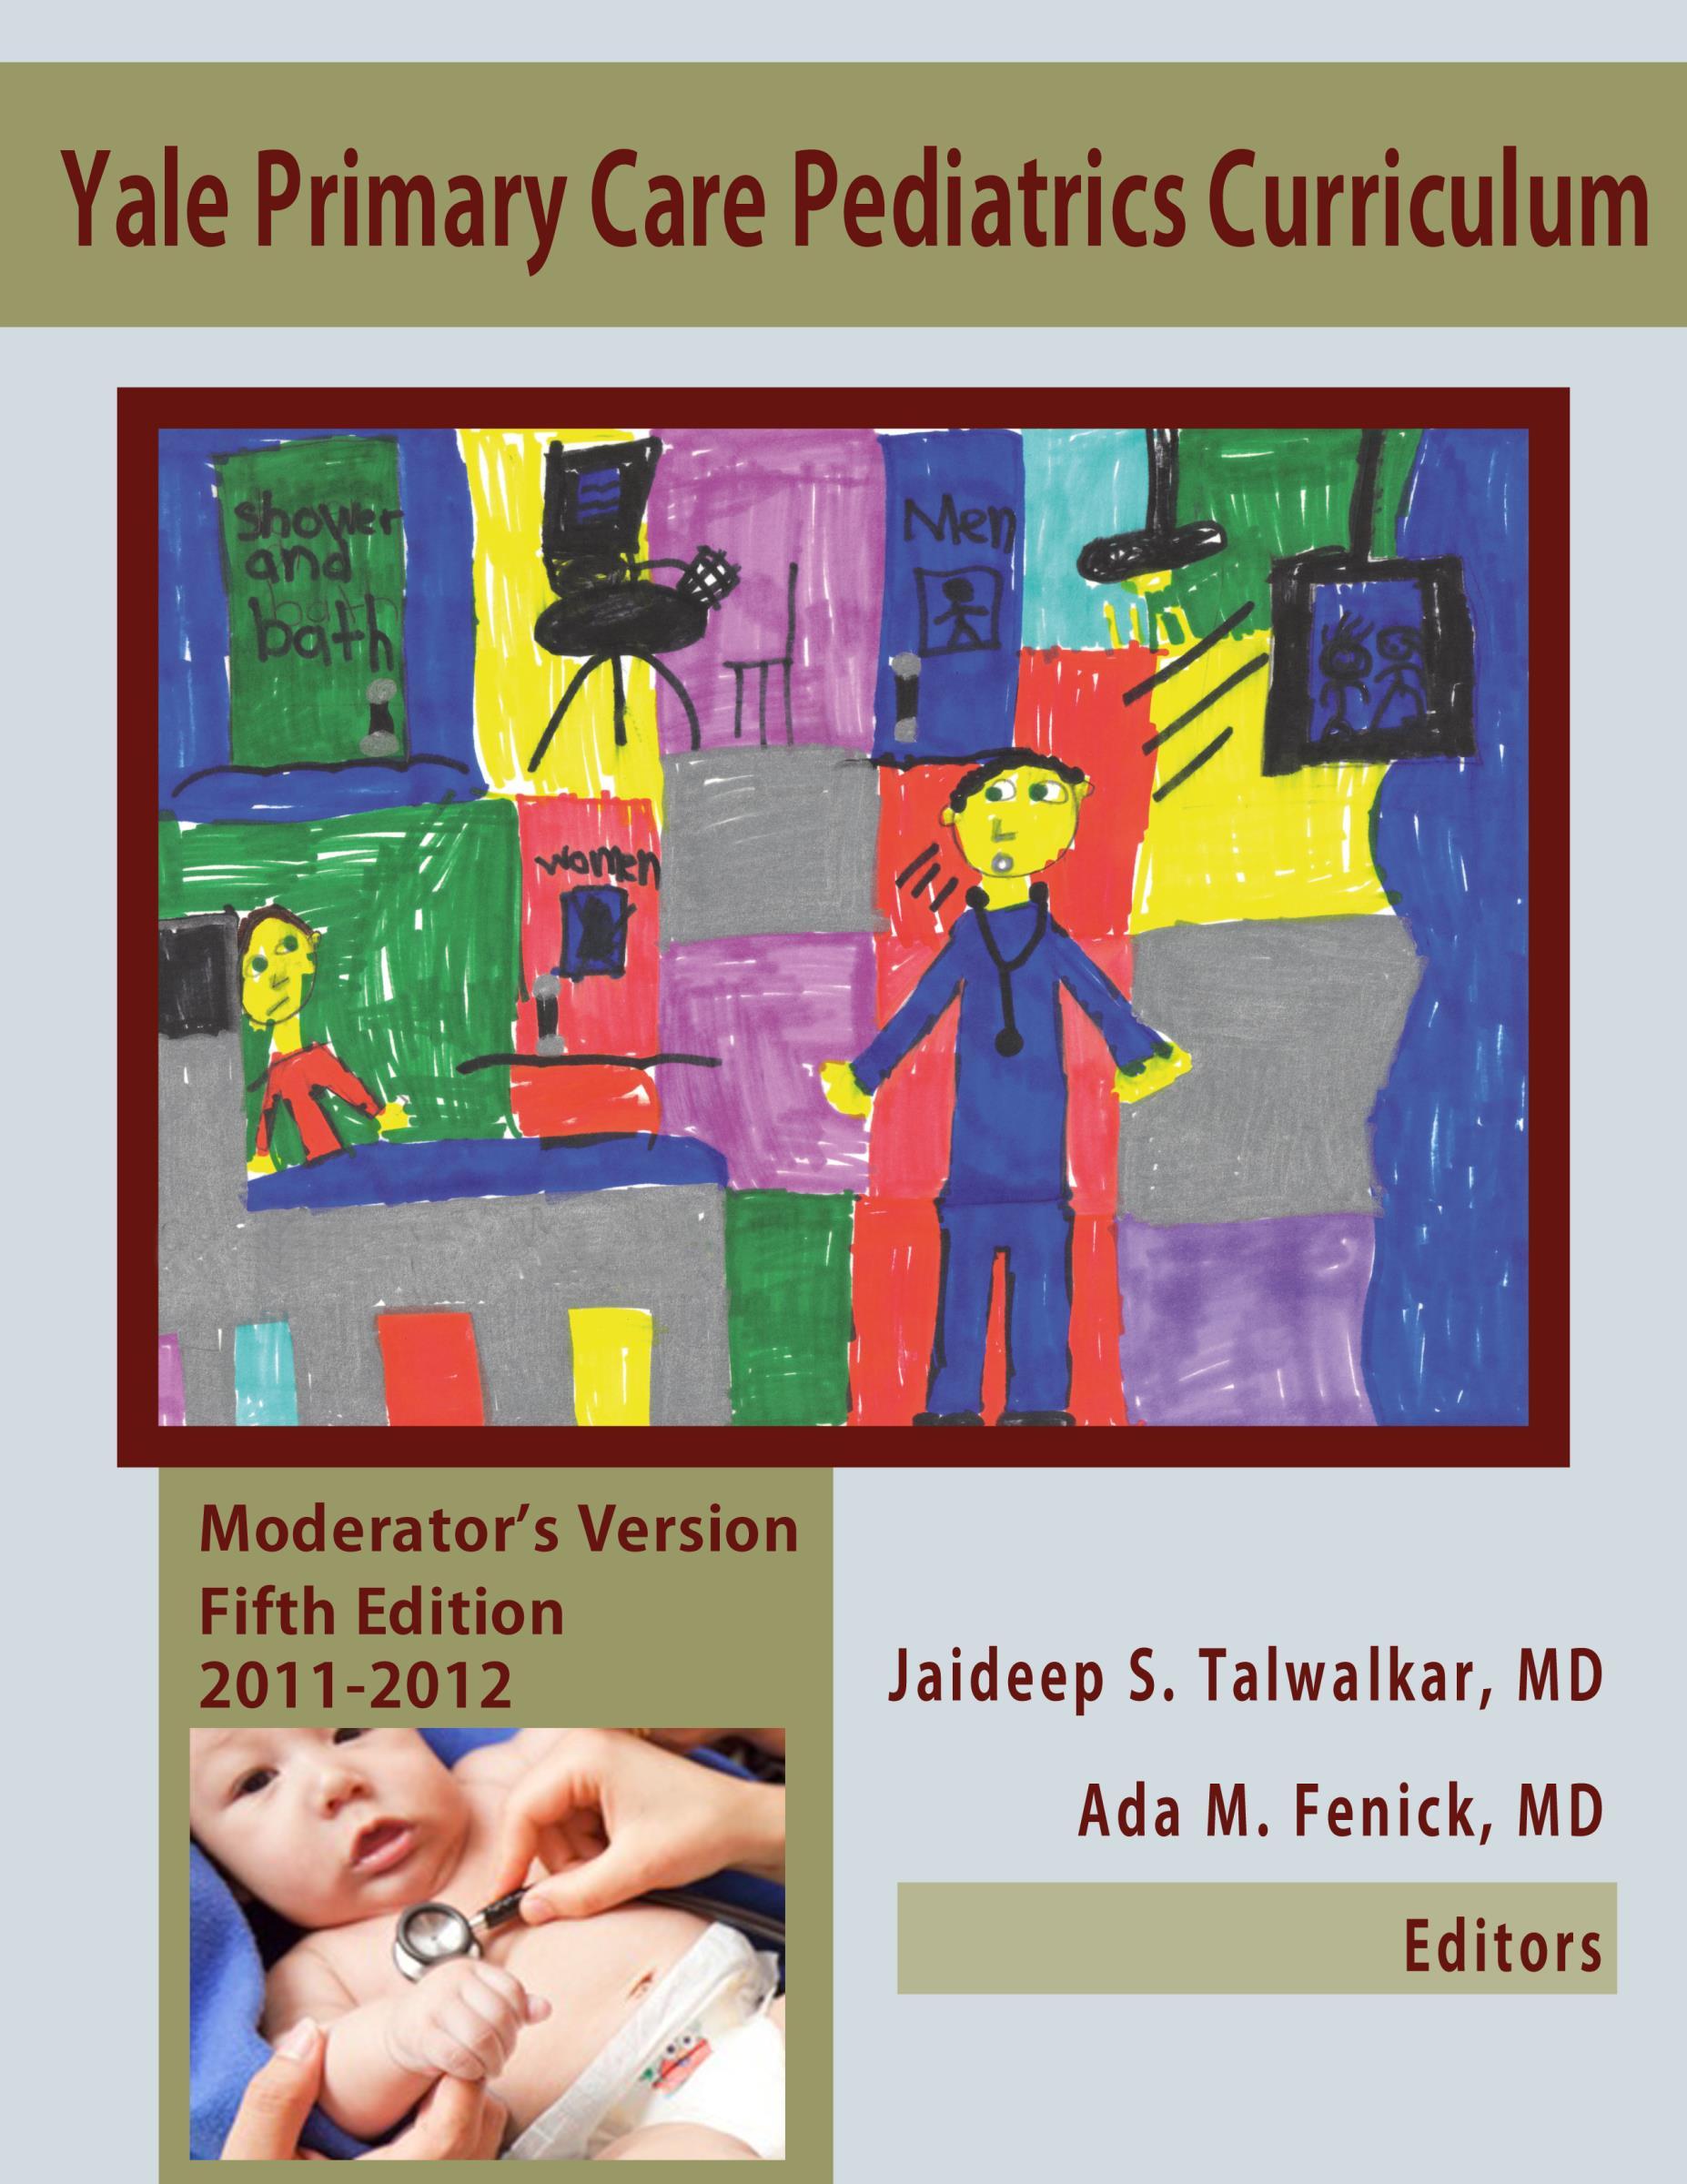 5th Edition: 2011